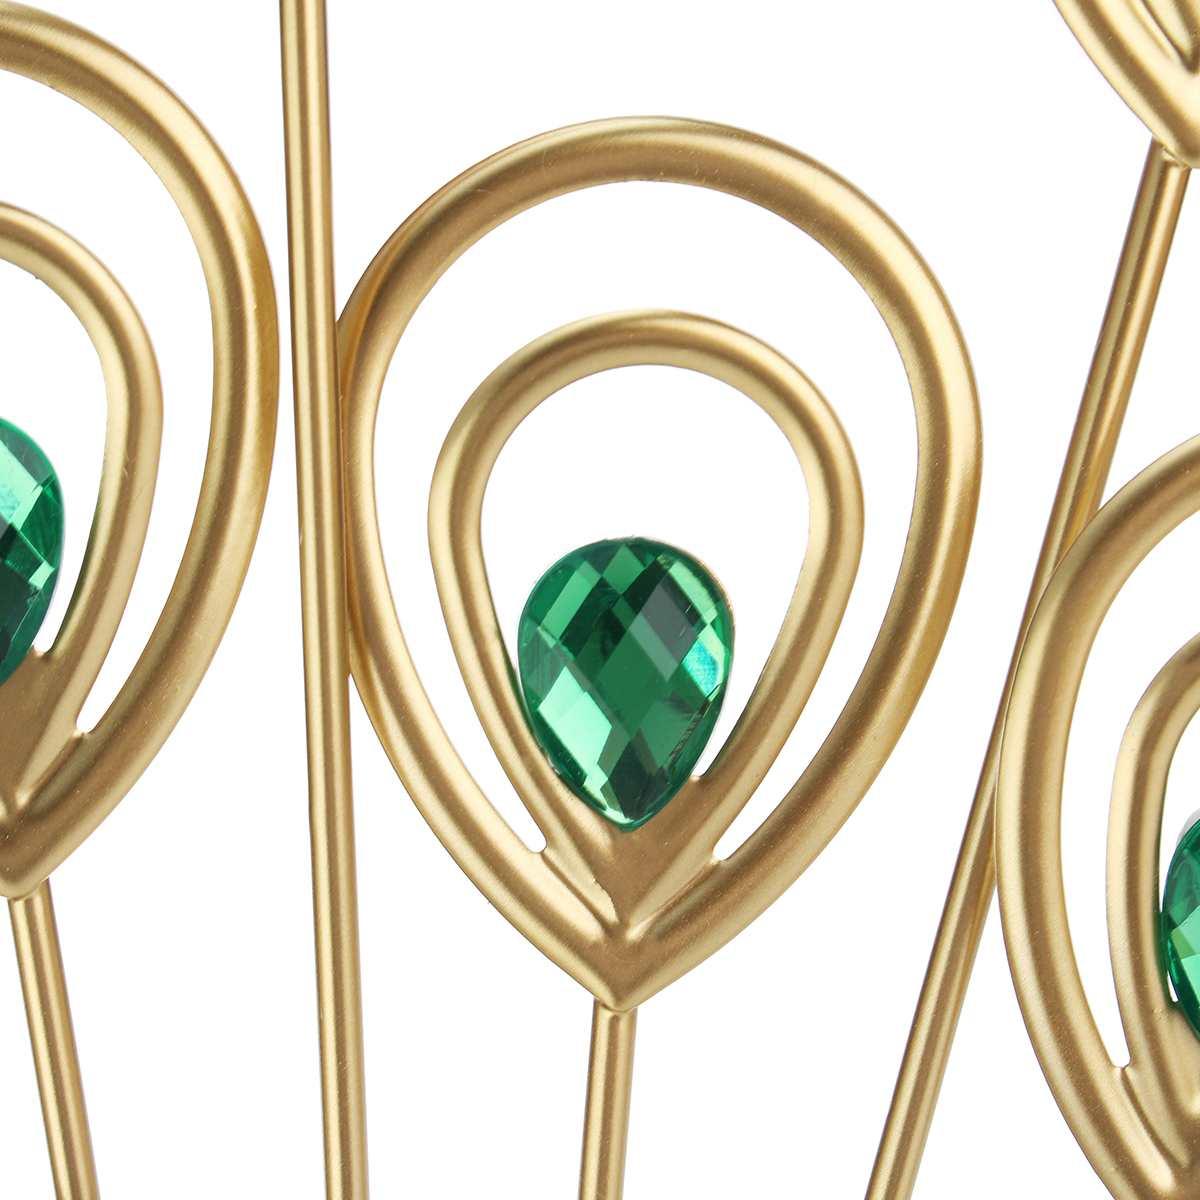 Большие 3D золотые алмазные настенные часы Павлин металлические часы для дома гостиной украшения DIY часы ремесла украшения подарок 53x53 см